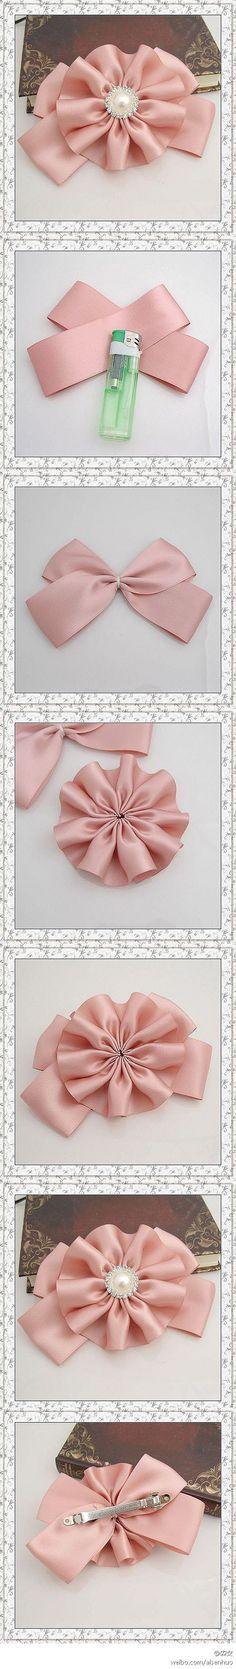 Diy Baby Headbands Ribbon Hair Bow Tutorial New Ideas Ribbon Hair Bows, Diy Hair Bows, Diy Ribbon, Ribbon Work, Ribbon Crafts, Ribbon Flower, Flower Corsage, Flower Brooch, Diy Headband